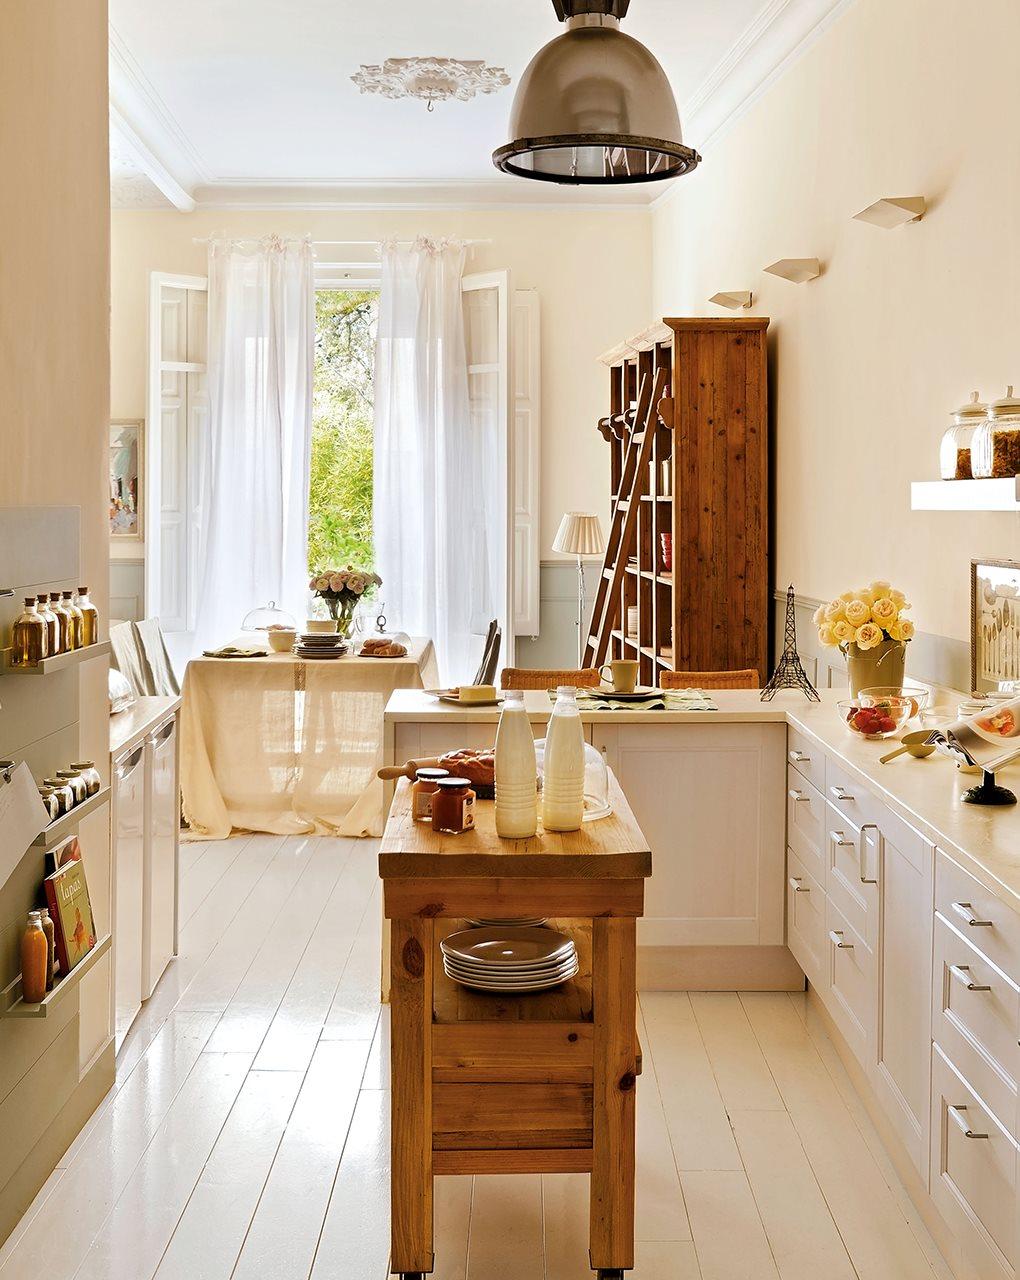 3 cocinas abiertas muy bien integradas - Cocinas con islas ...